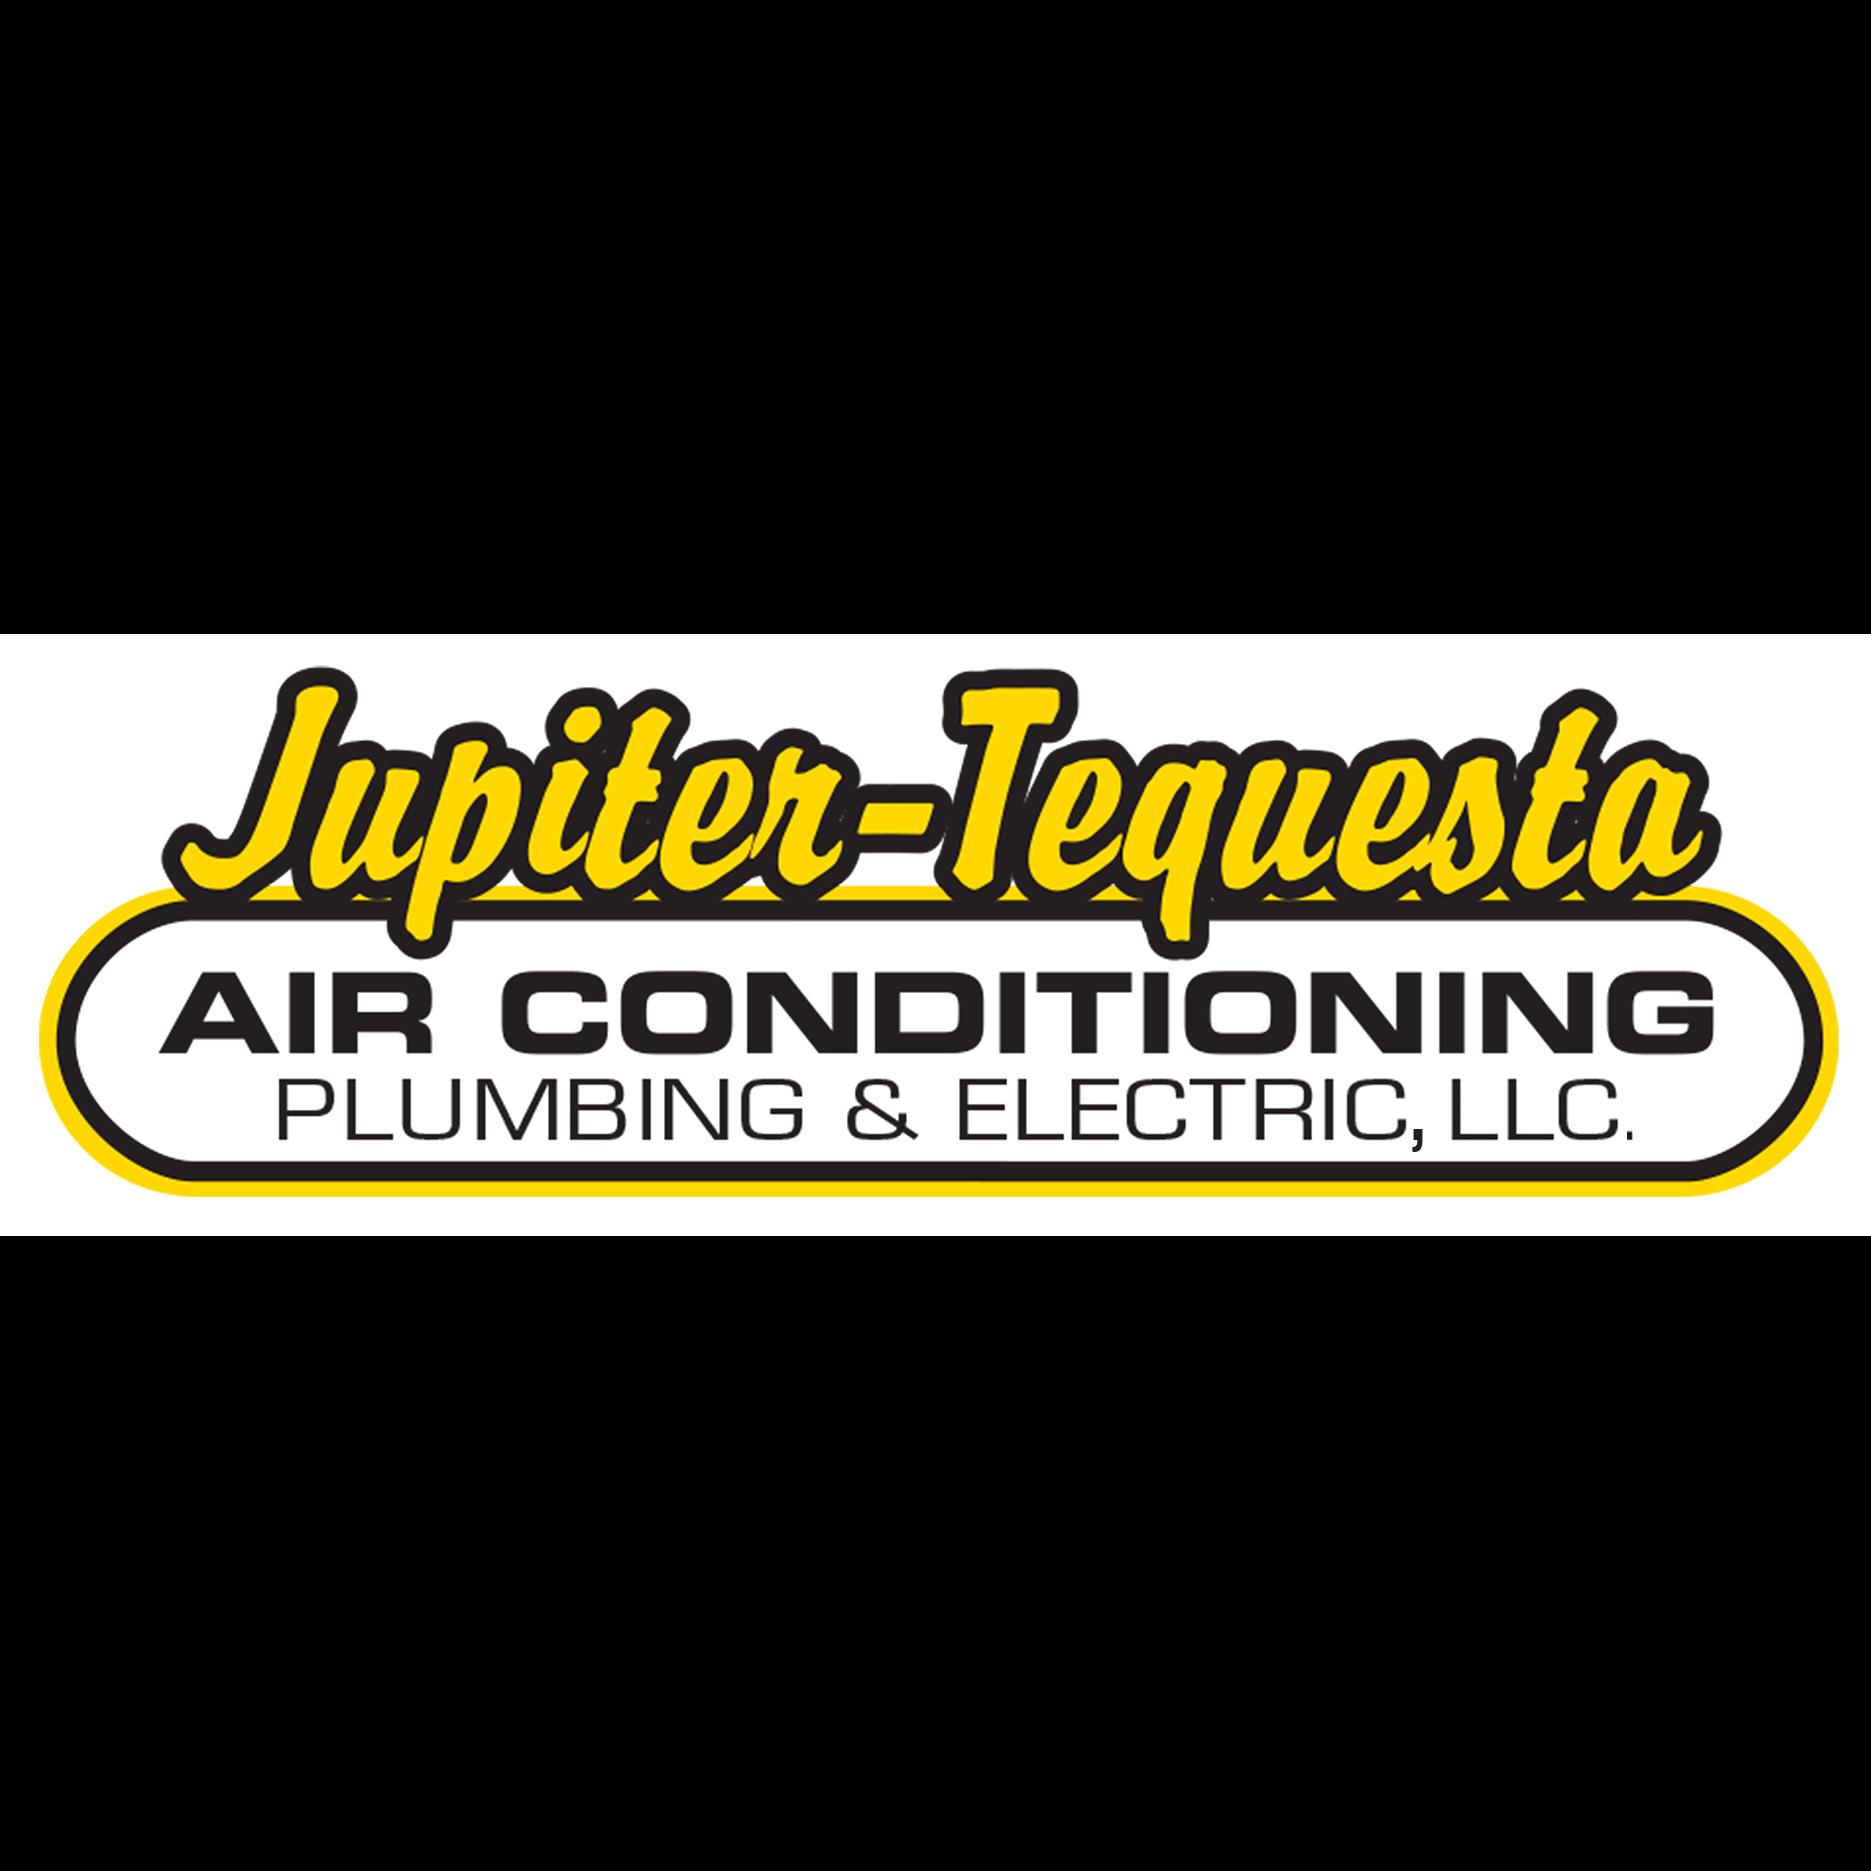 Jupiter-Tequesta A/C, Plumbing & Electric, LLC. - Tequesta, FL 33469 - (561)291-7312 | ShowMeLocal.com